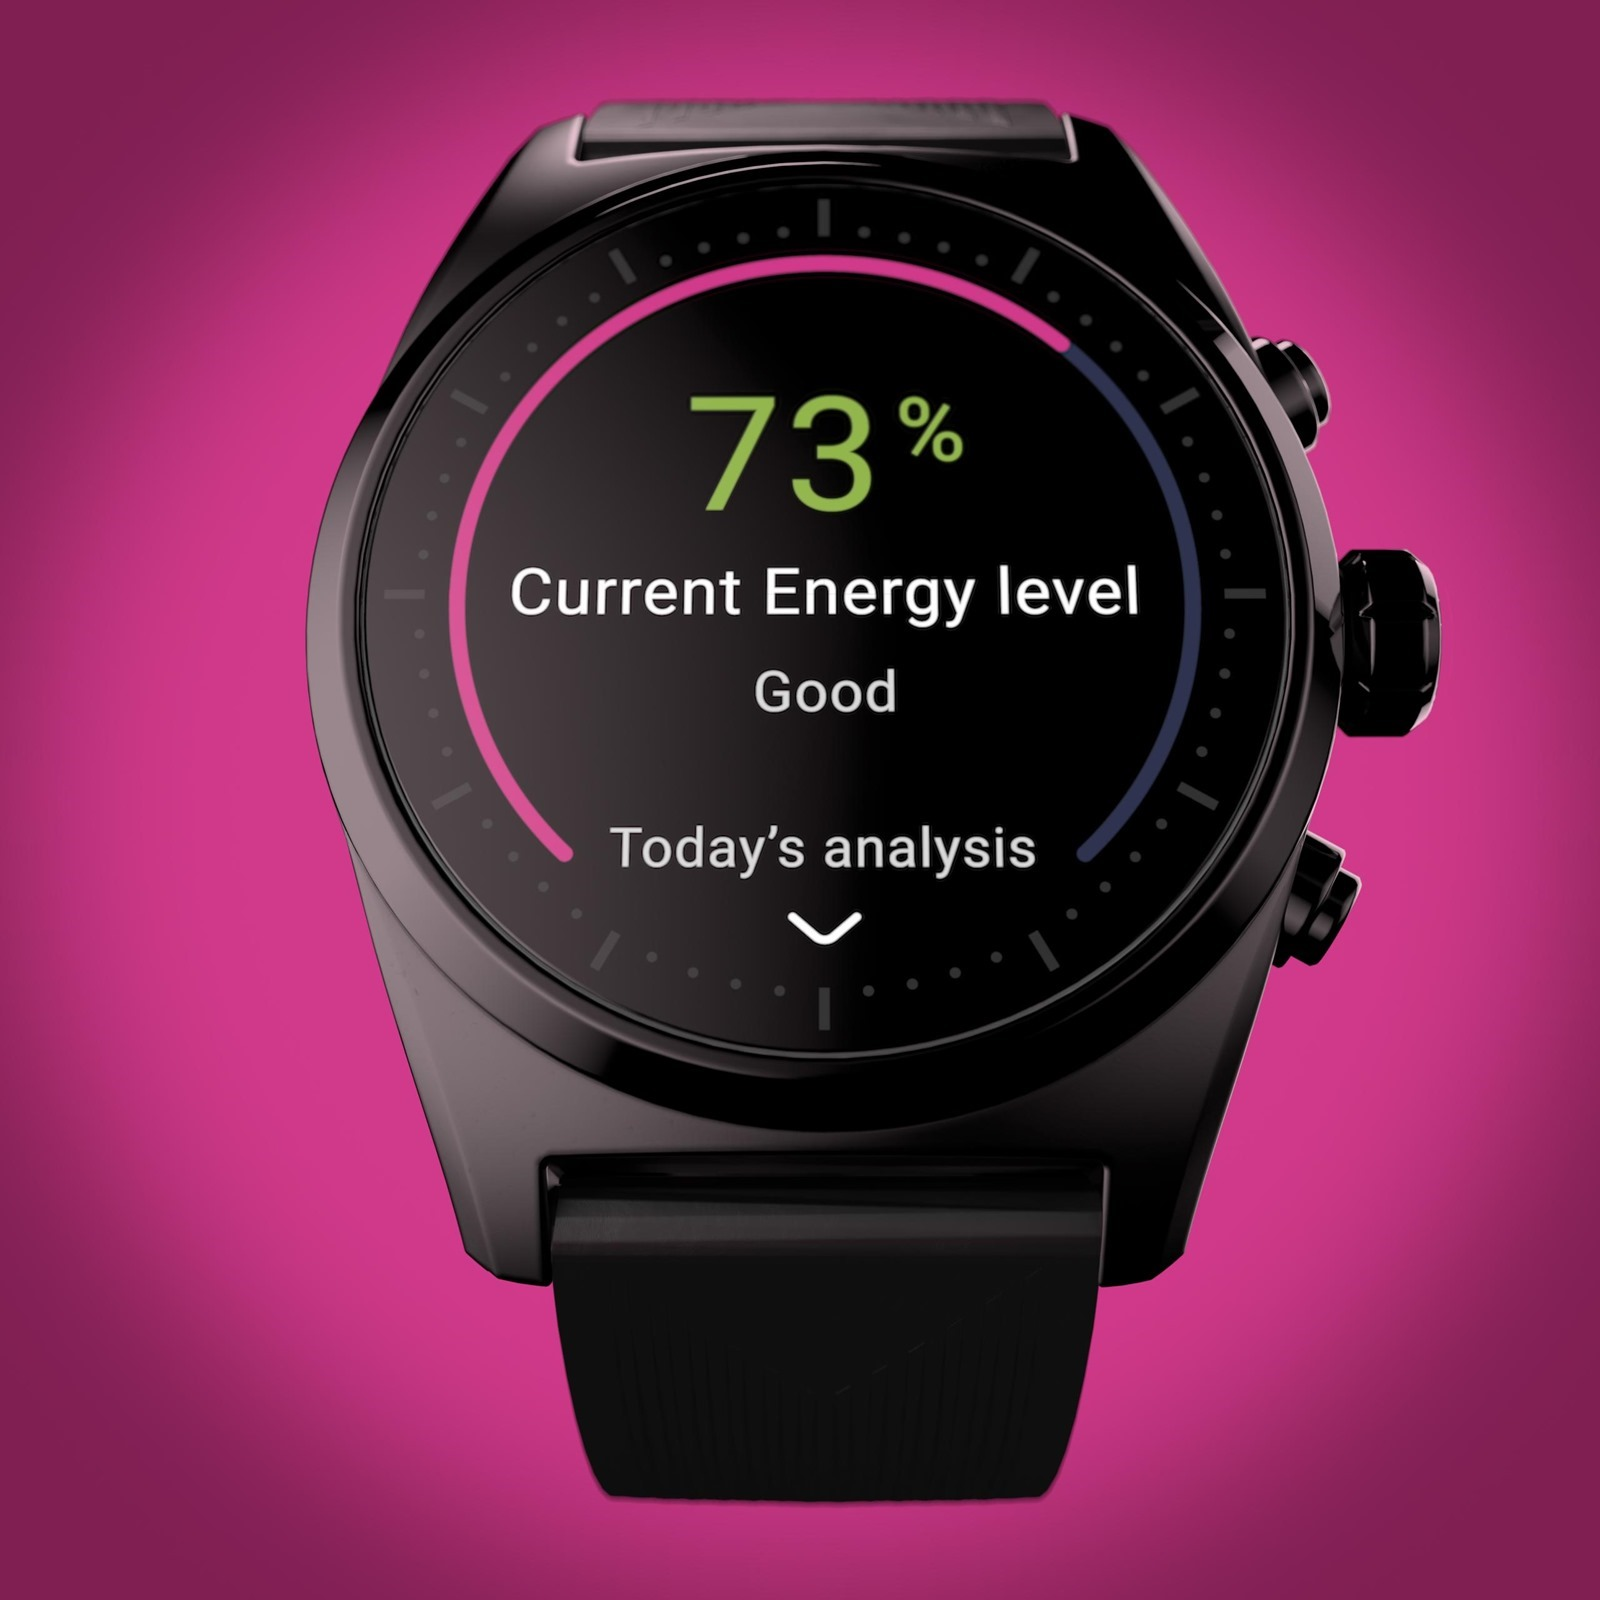 全新萬寶龍 Summit Lite 智能腕錶,Find Your Balance 締造身心平衡的健康生活 @3C 達人廖阿輝